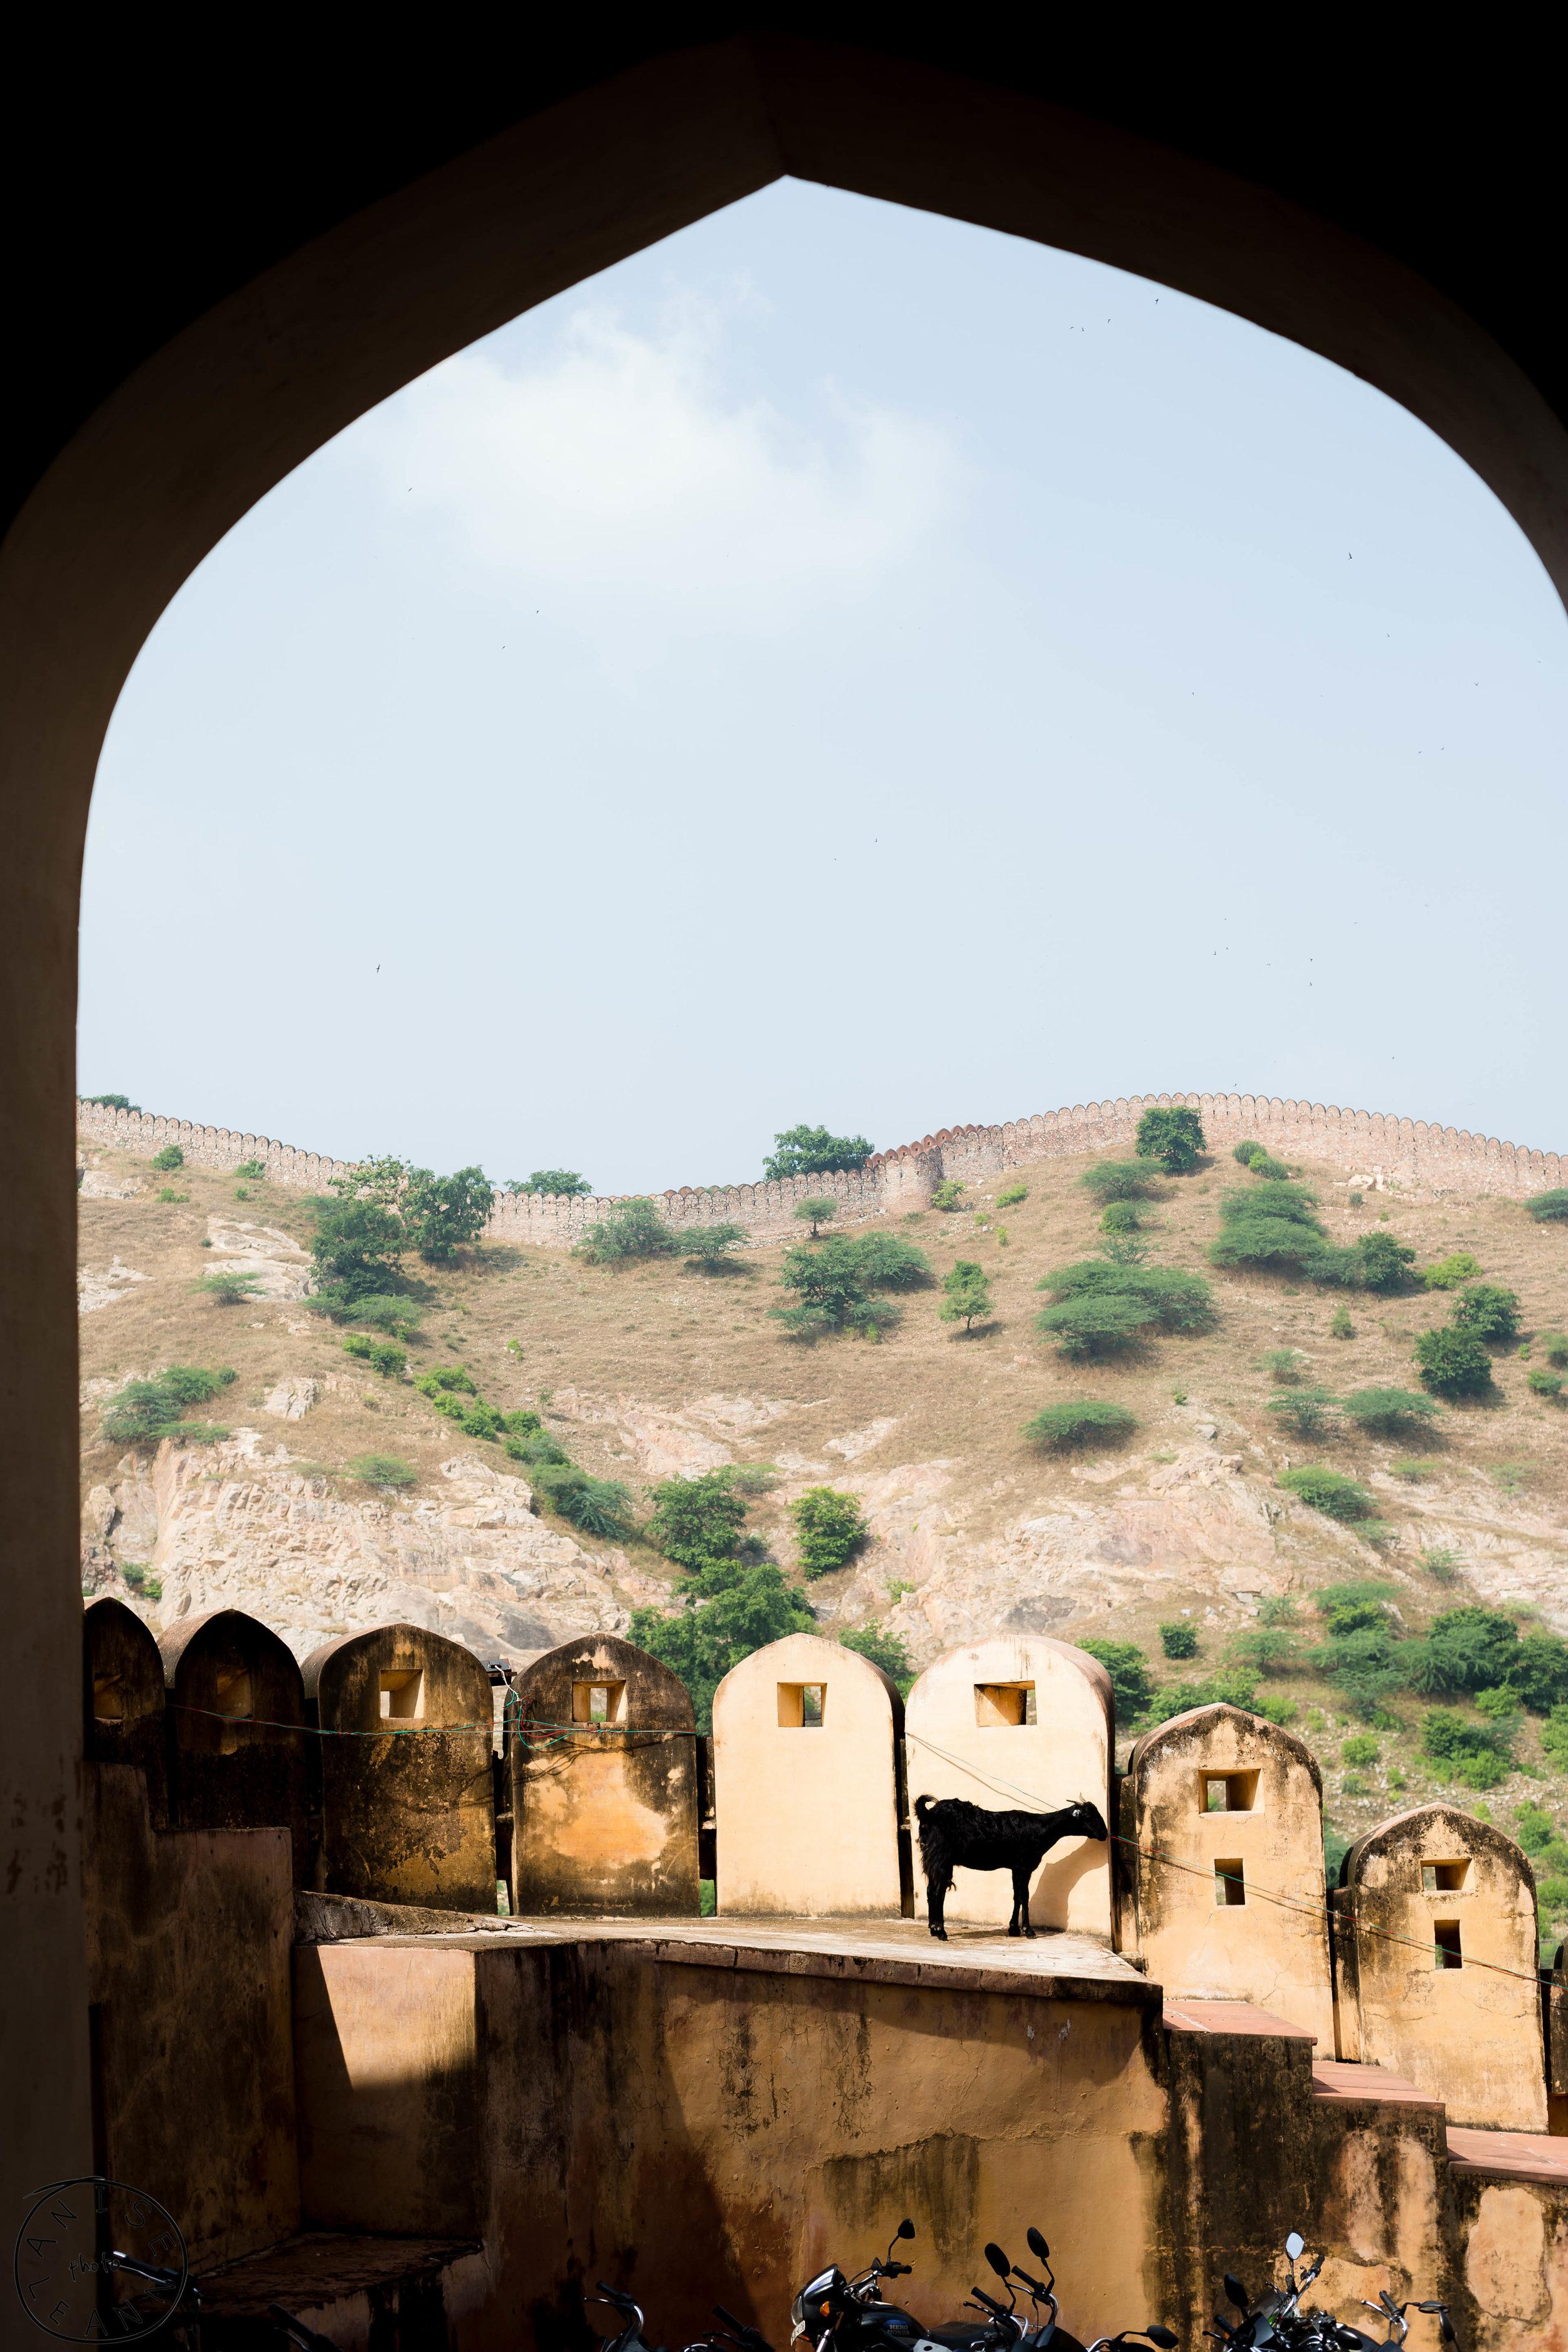 India-Jaipur-Day2-80.jpg